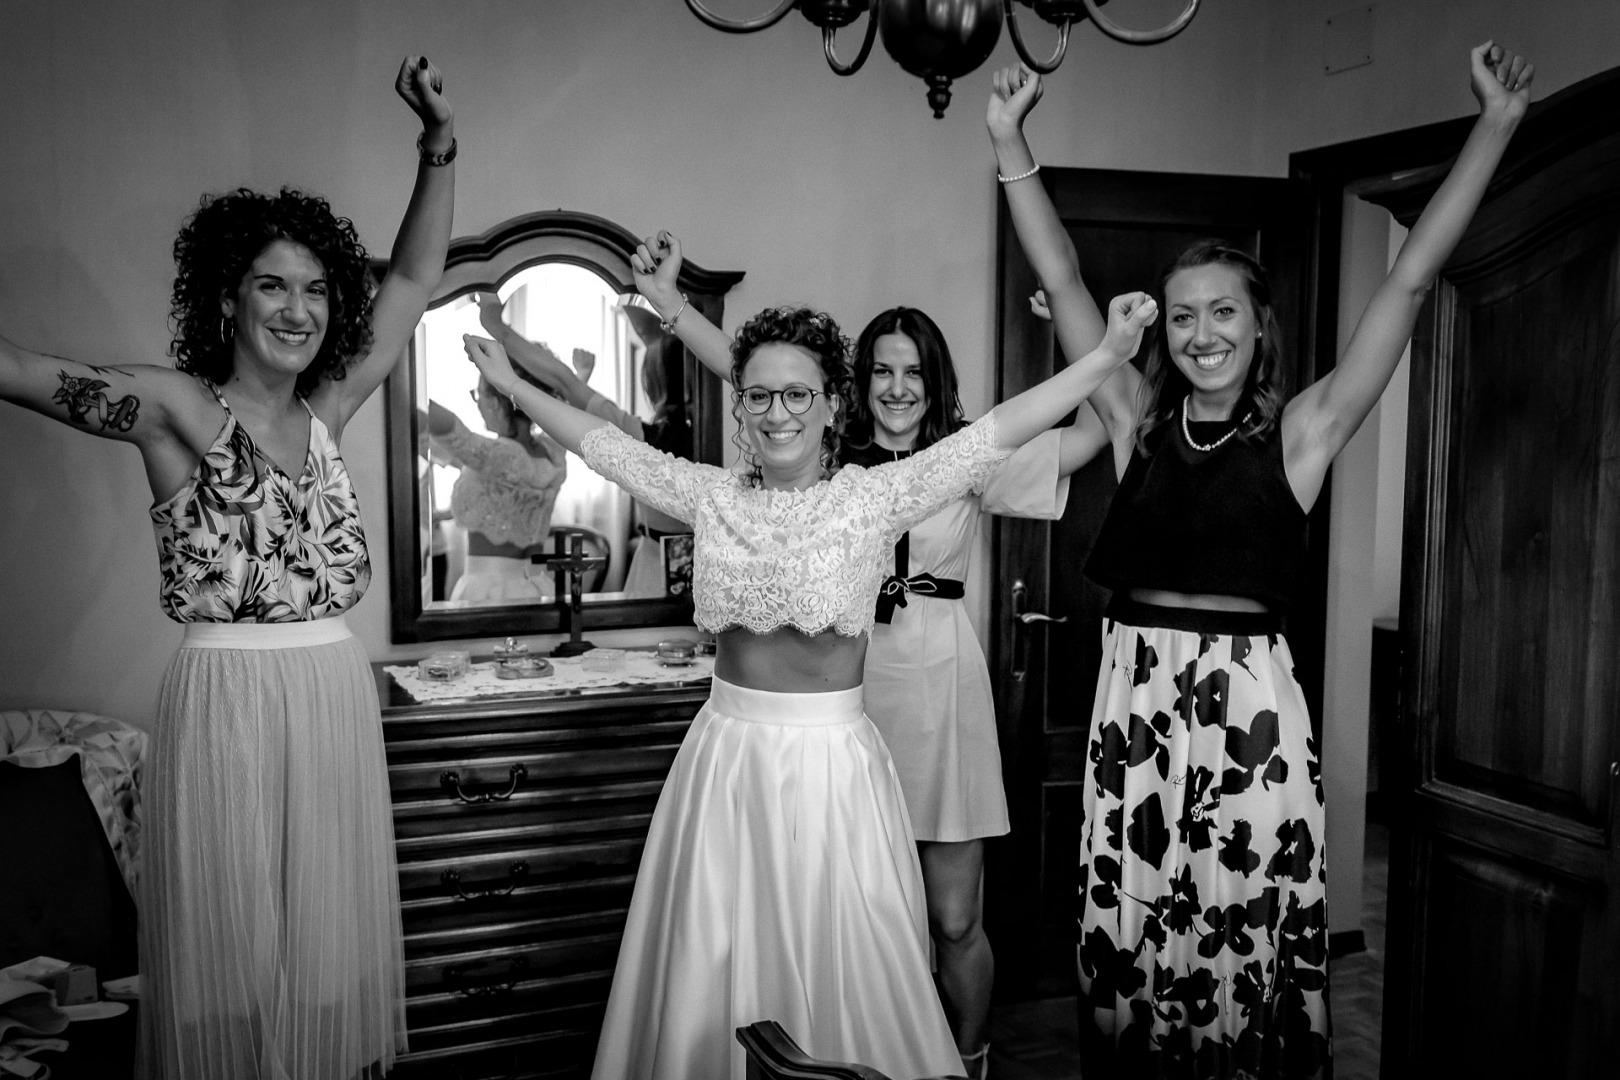 nicola-da-lio-wedding-photographer-venezia-treviso-padova-veneto-italia-105